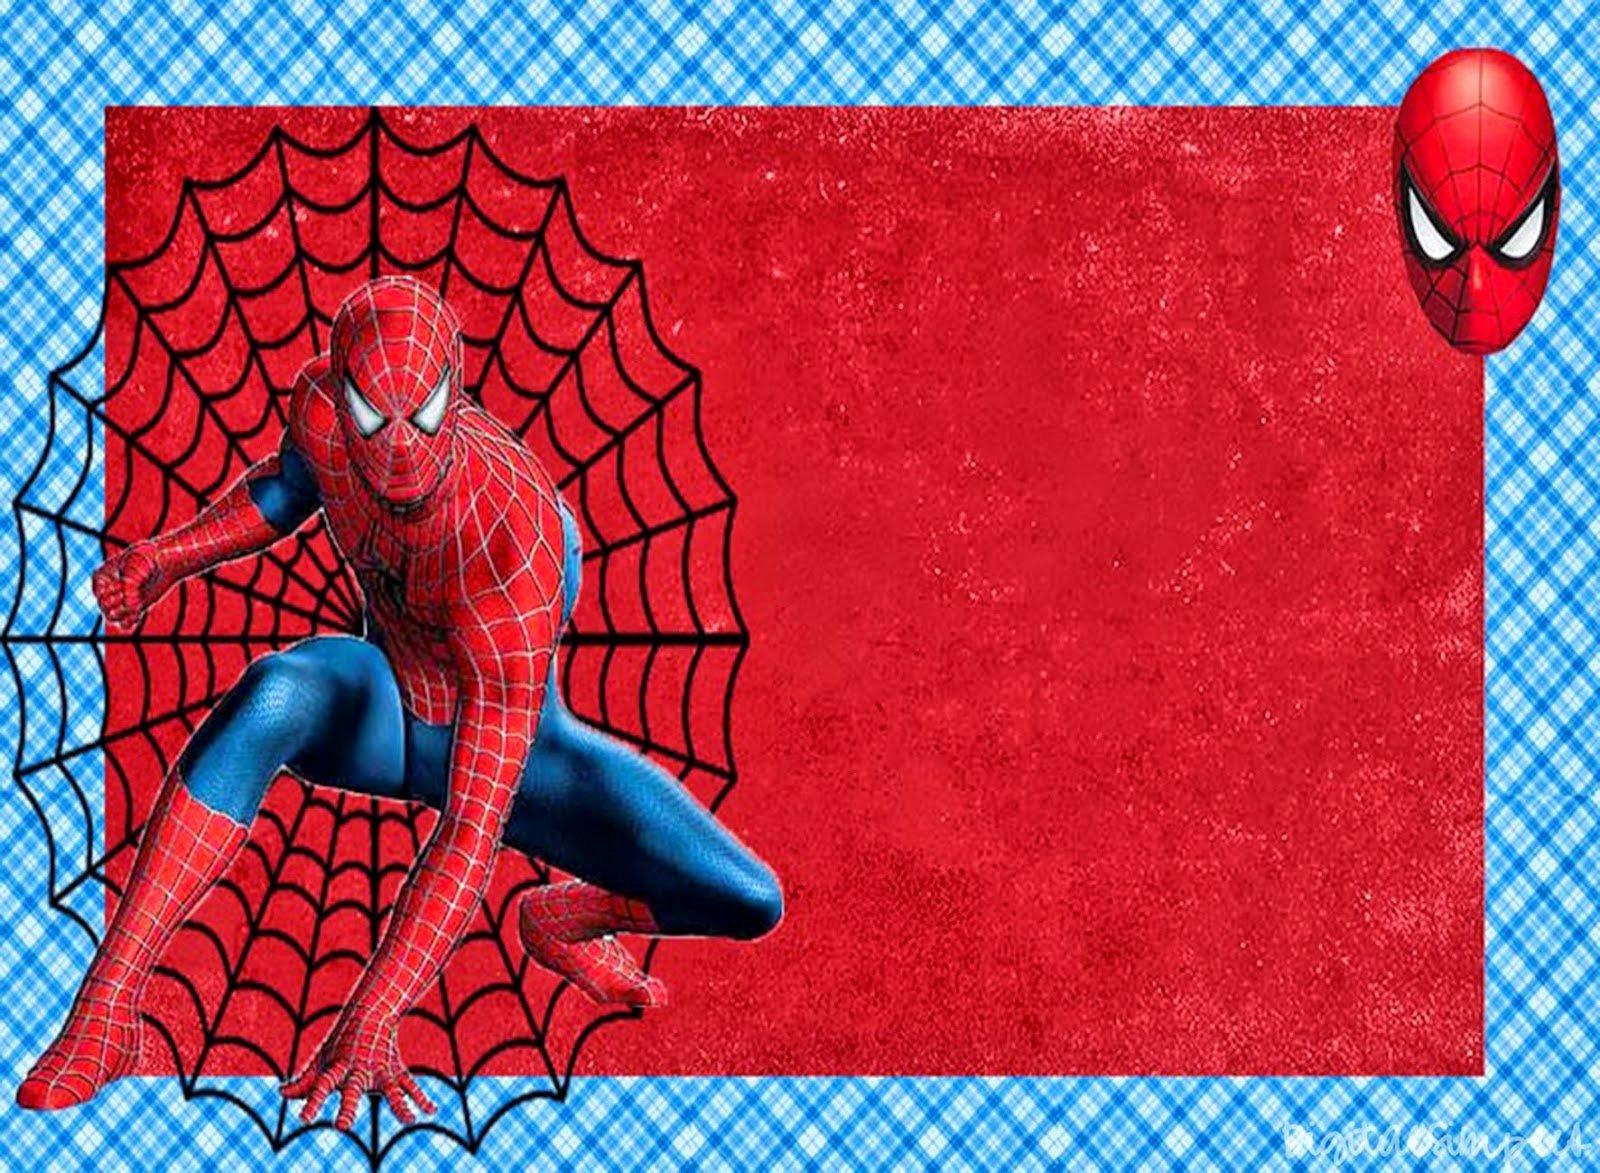 Free Spiderman Invitation Template Luxury Spiderman Free Printable Invitations Cards or